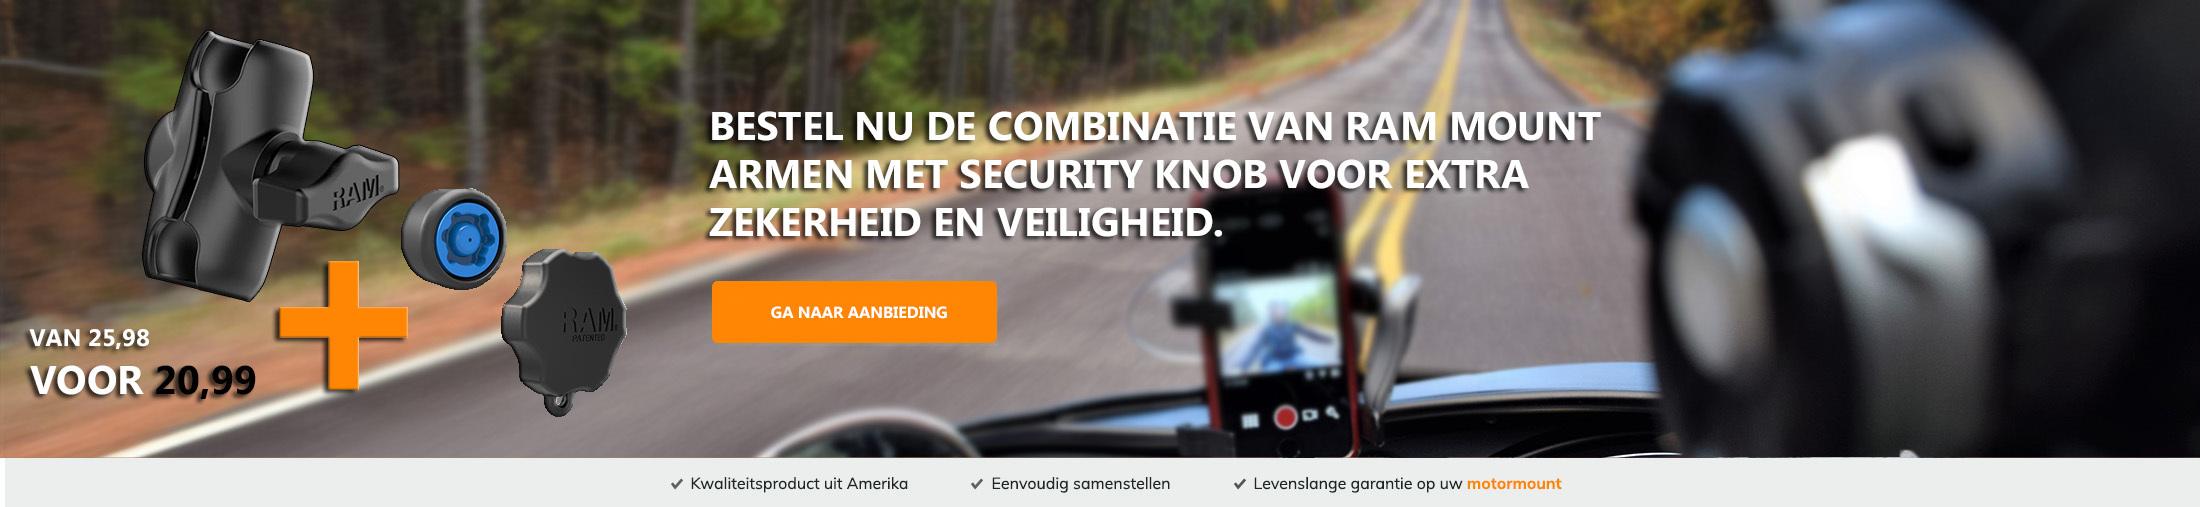 Aanbieding Arm met Security knob